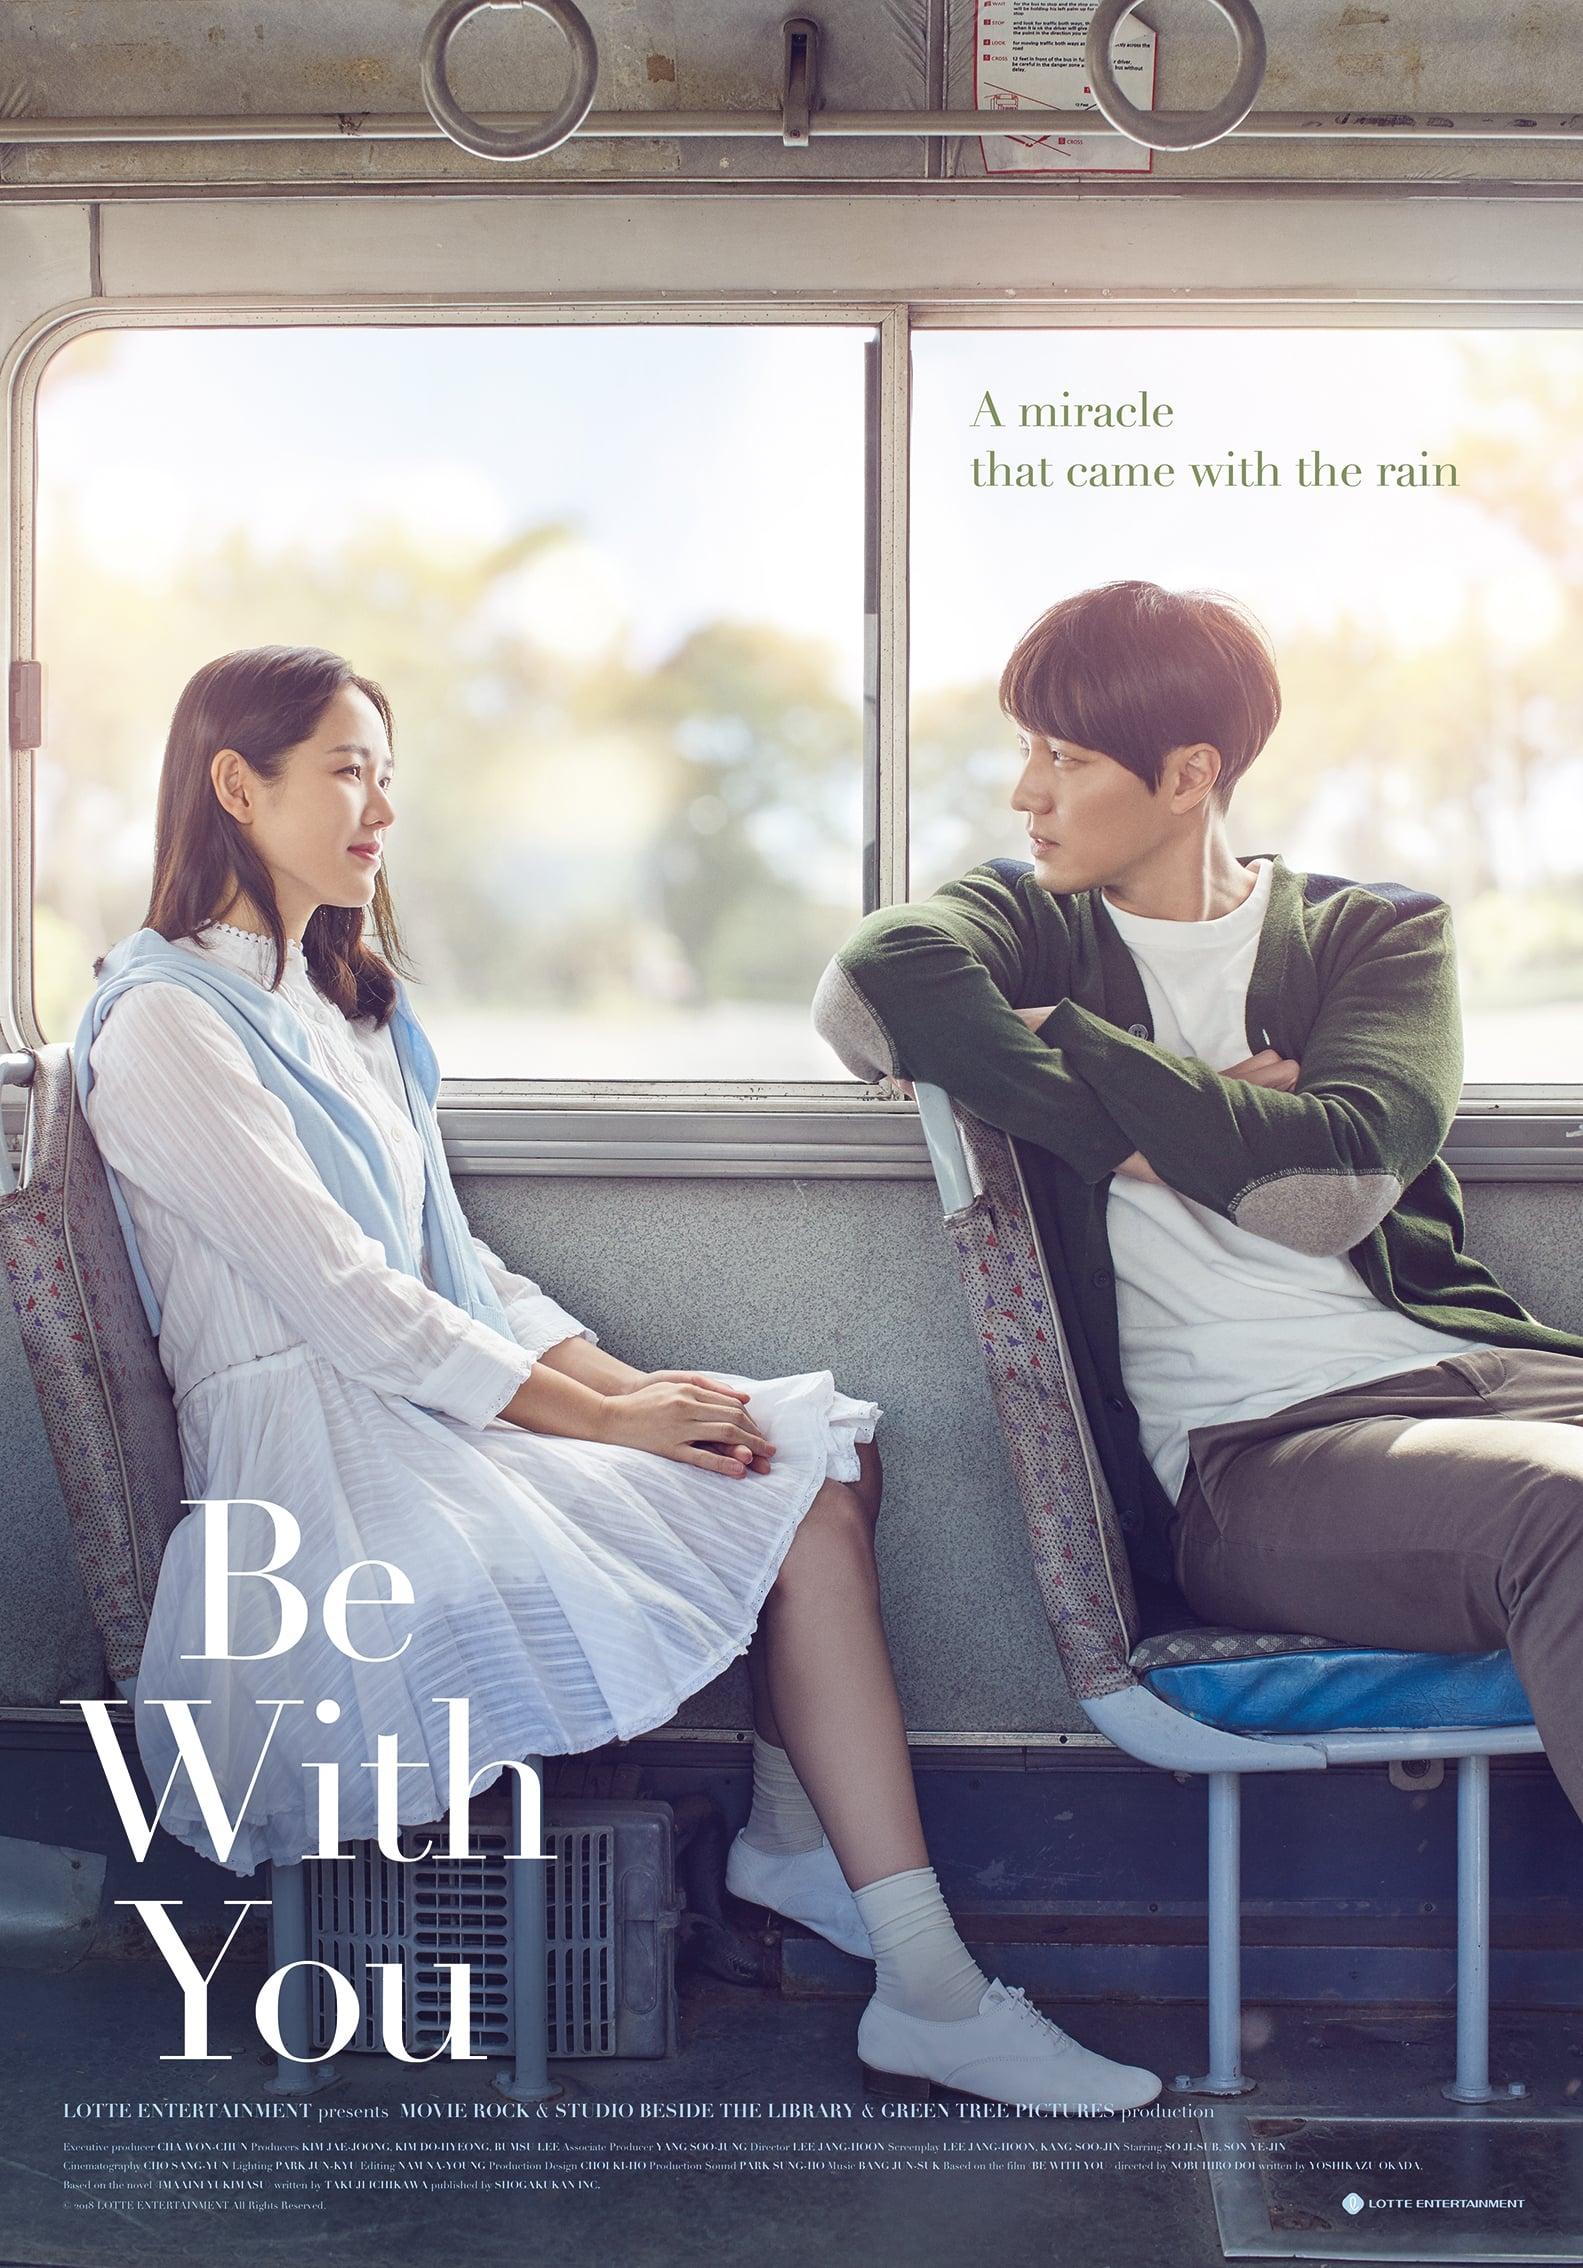 შენთან ყოფნა / Be with You